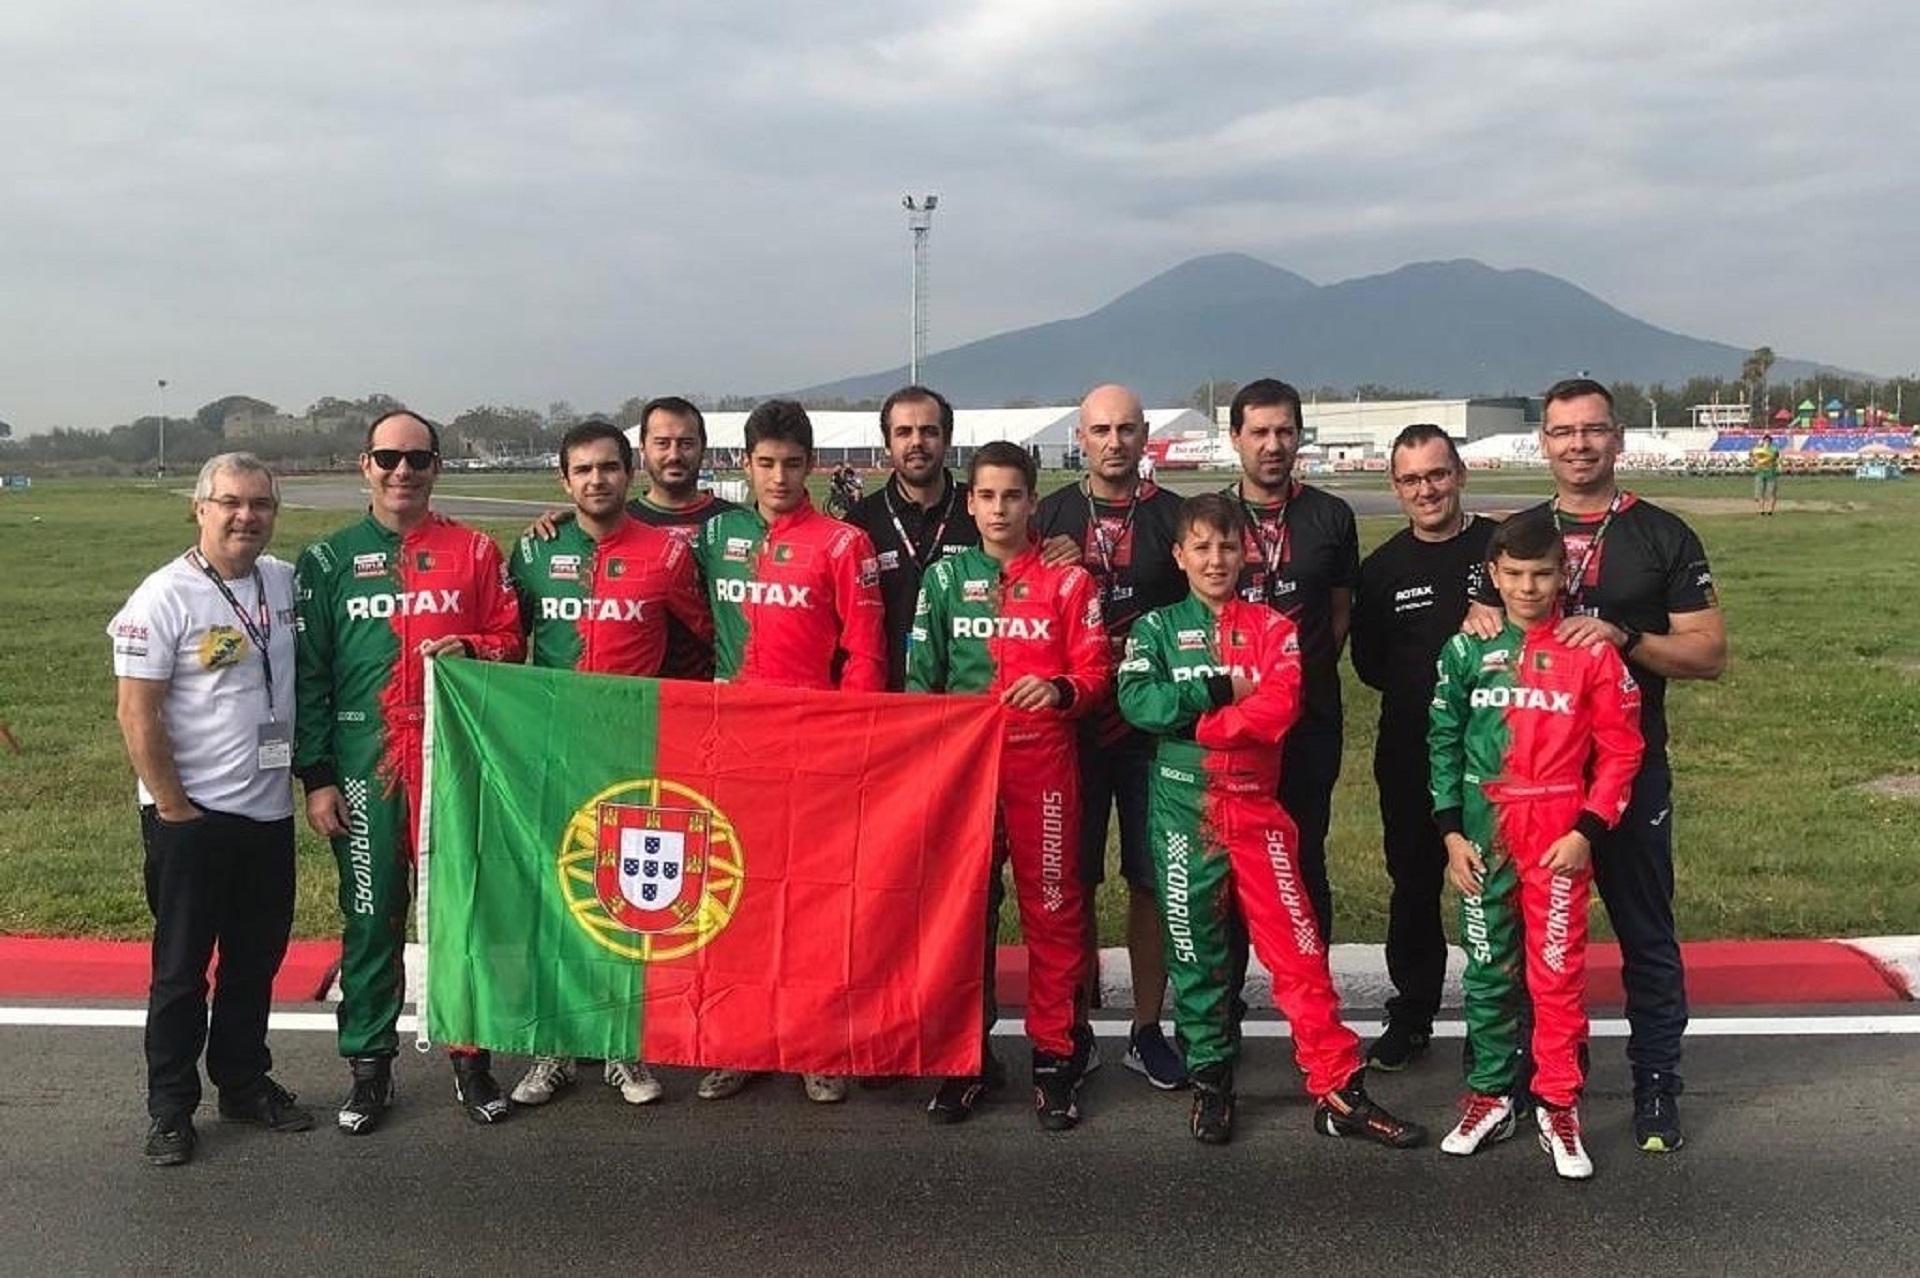 Seis portugueses disputam esta semana o Mundial de Karting Rotax em Itália